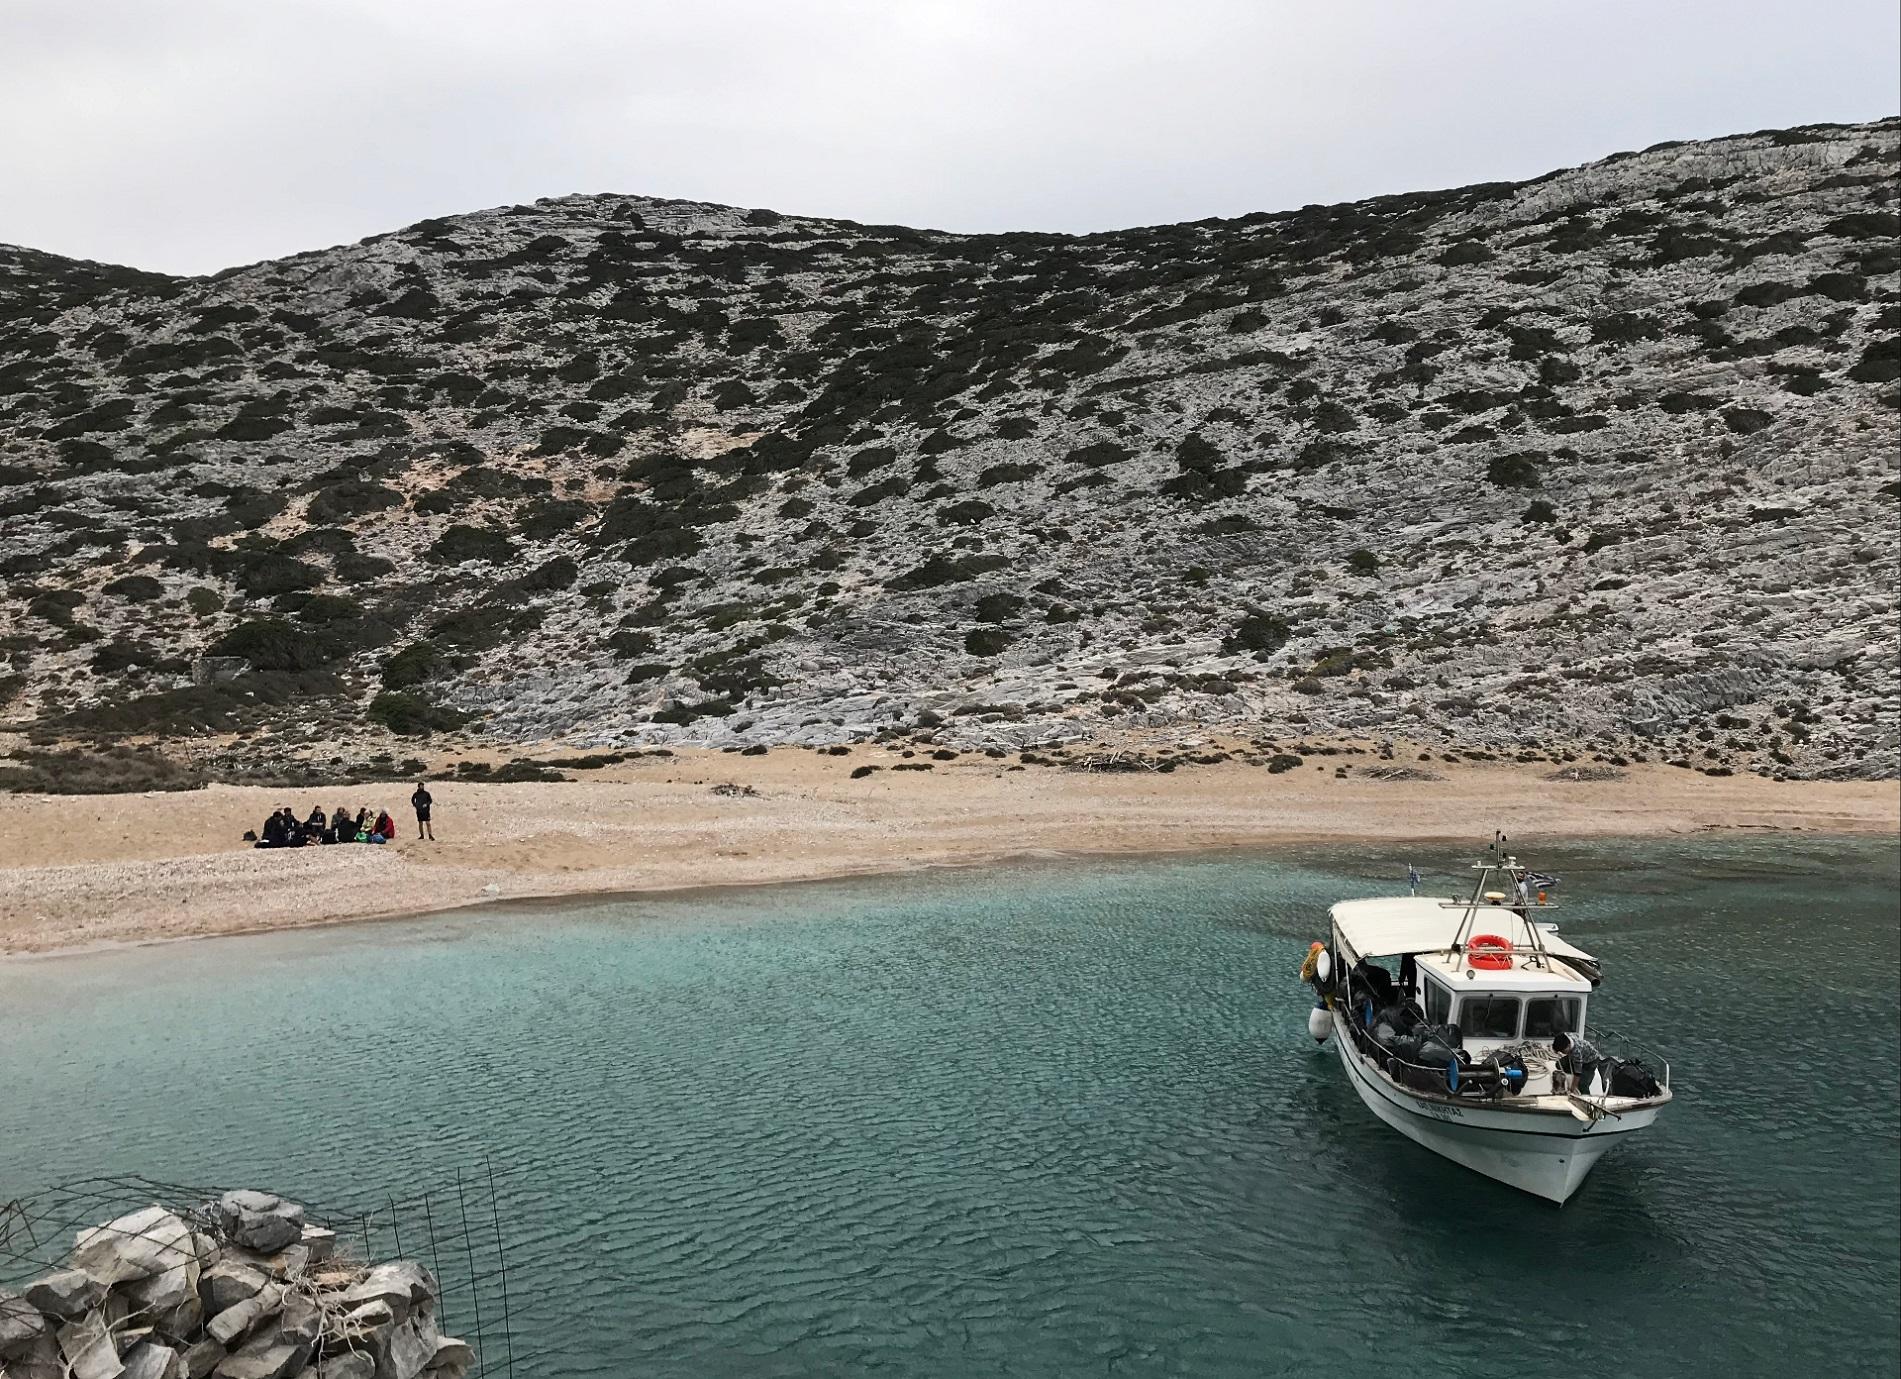 Οι κυβερνήσεις της Ε.Ε. καταστρέφουν τις ευρωπαϊκές θάλασσες